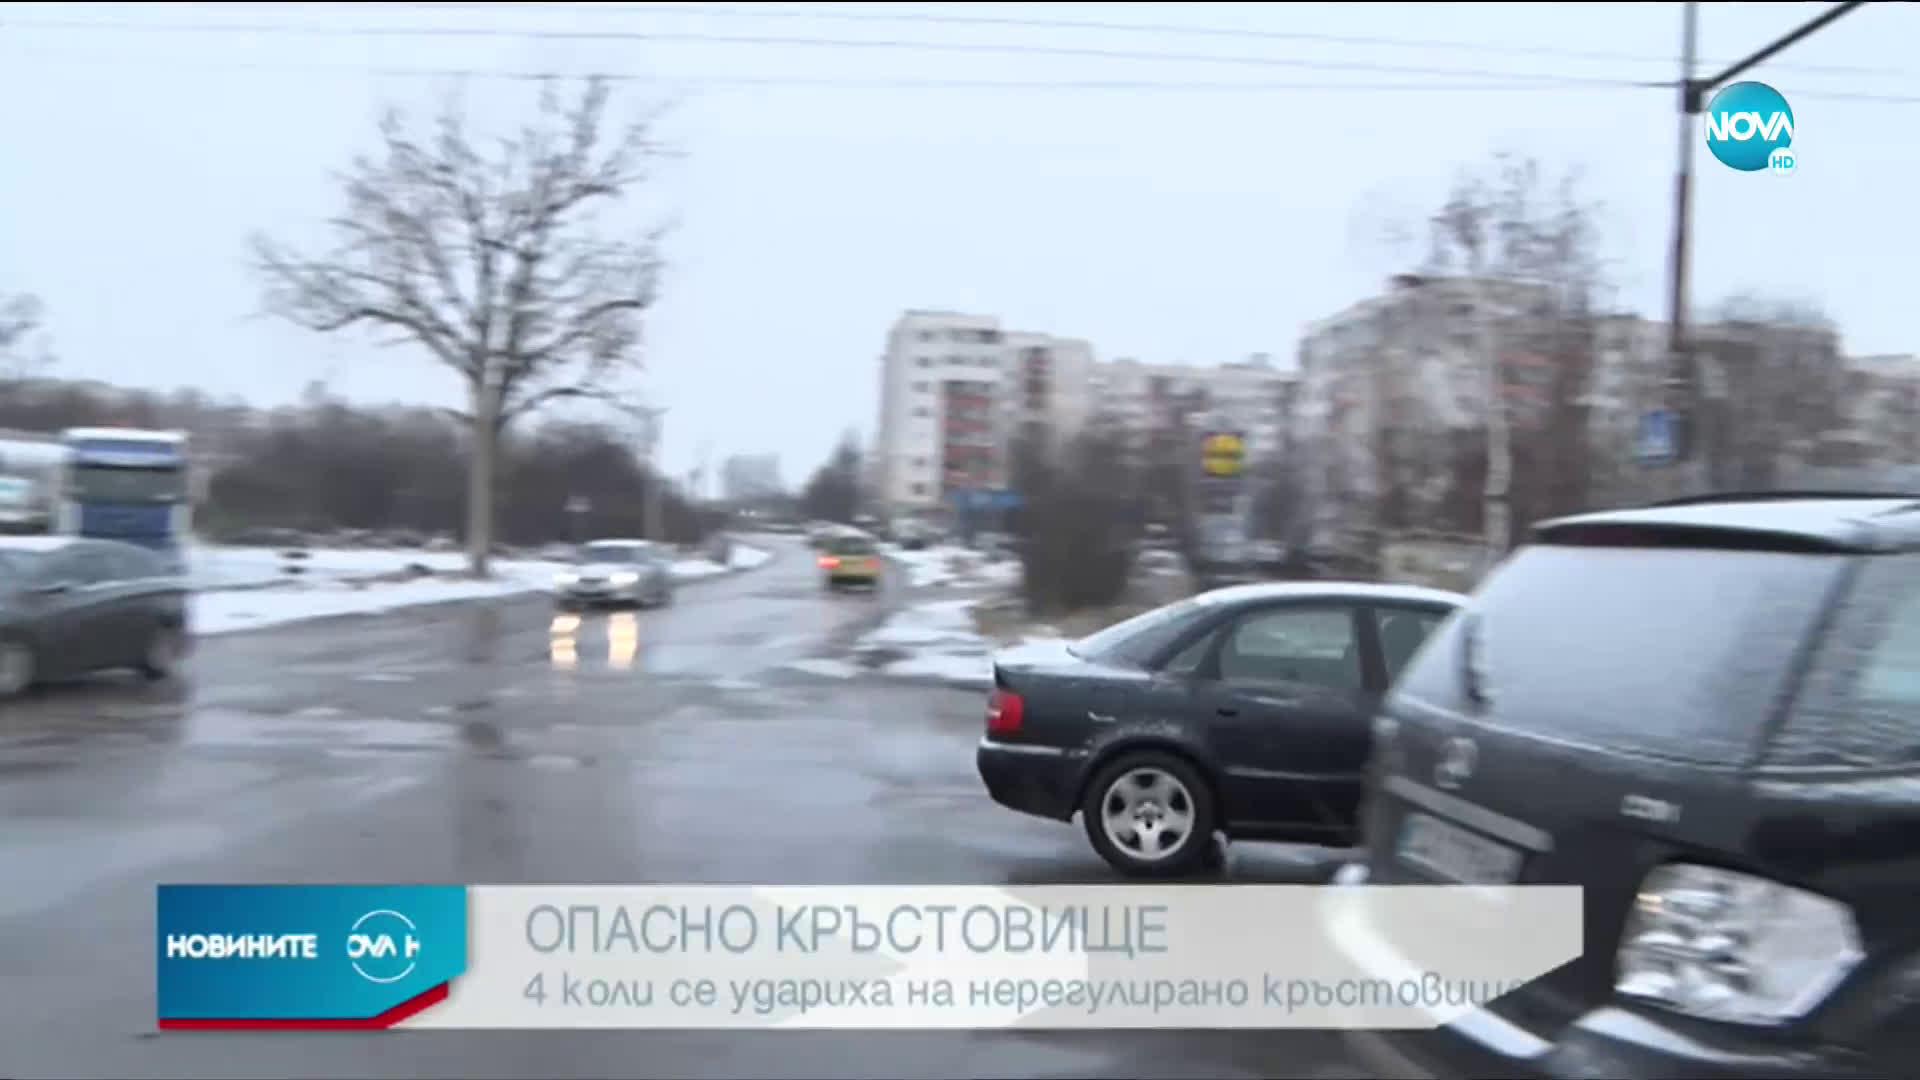 Четири коли се удариха на кръстовище в София, има ранен